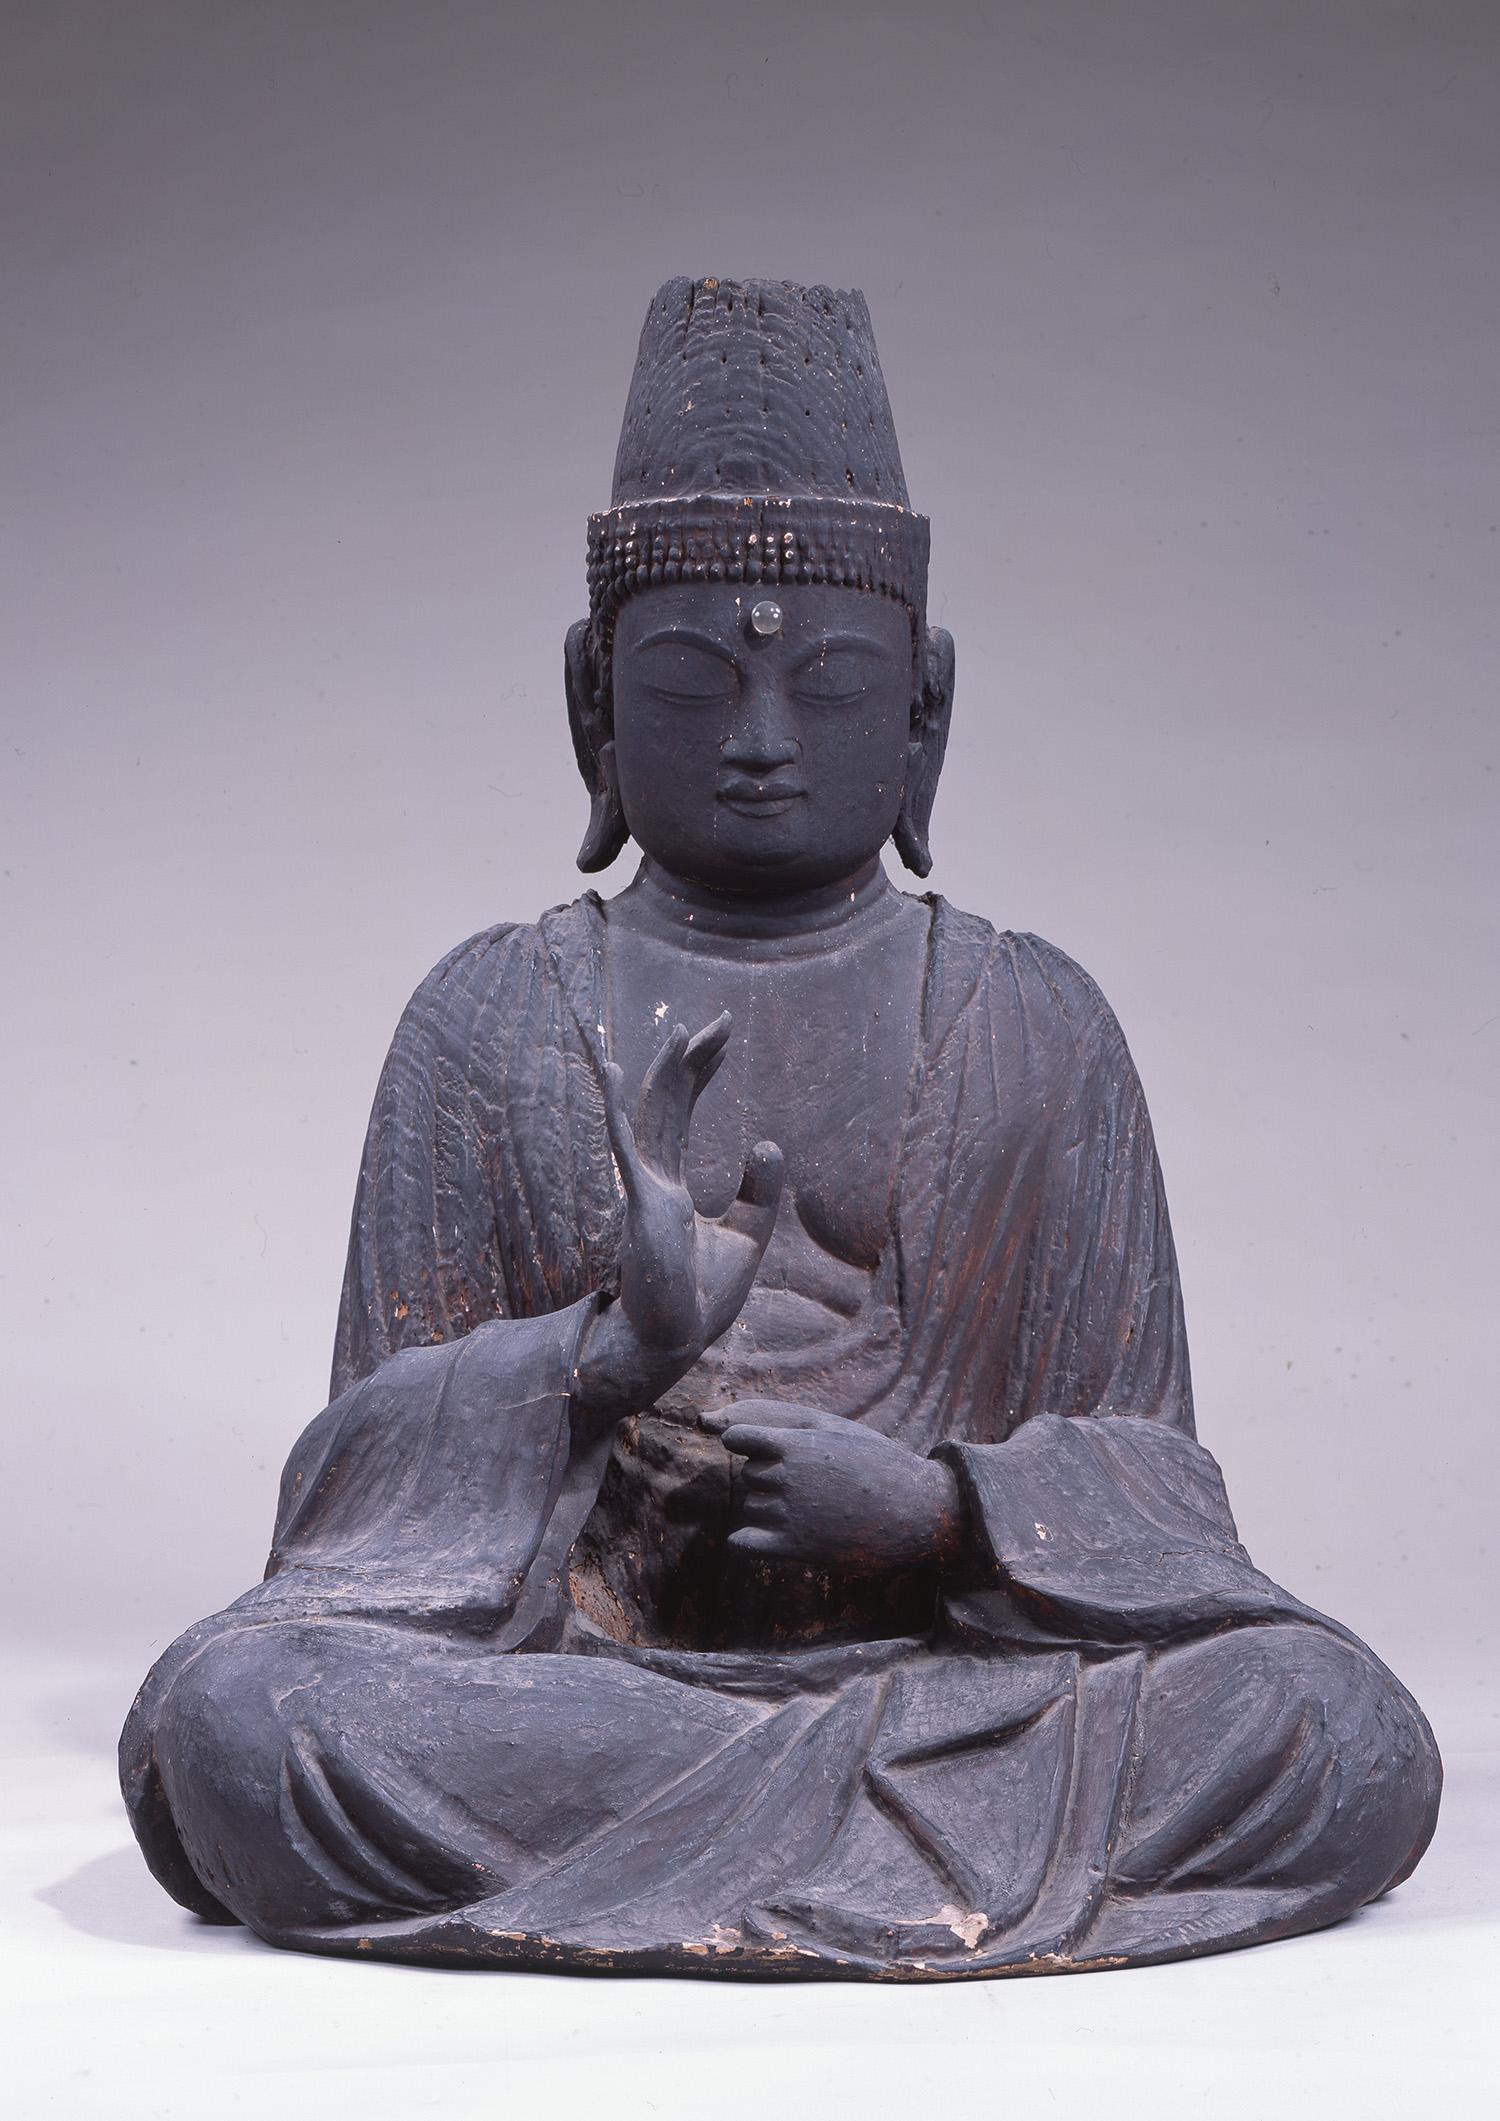 竹蓮寺(西阿閉自治会) 伝聖観音坐像